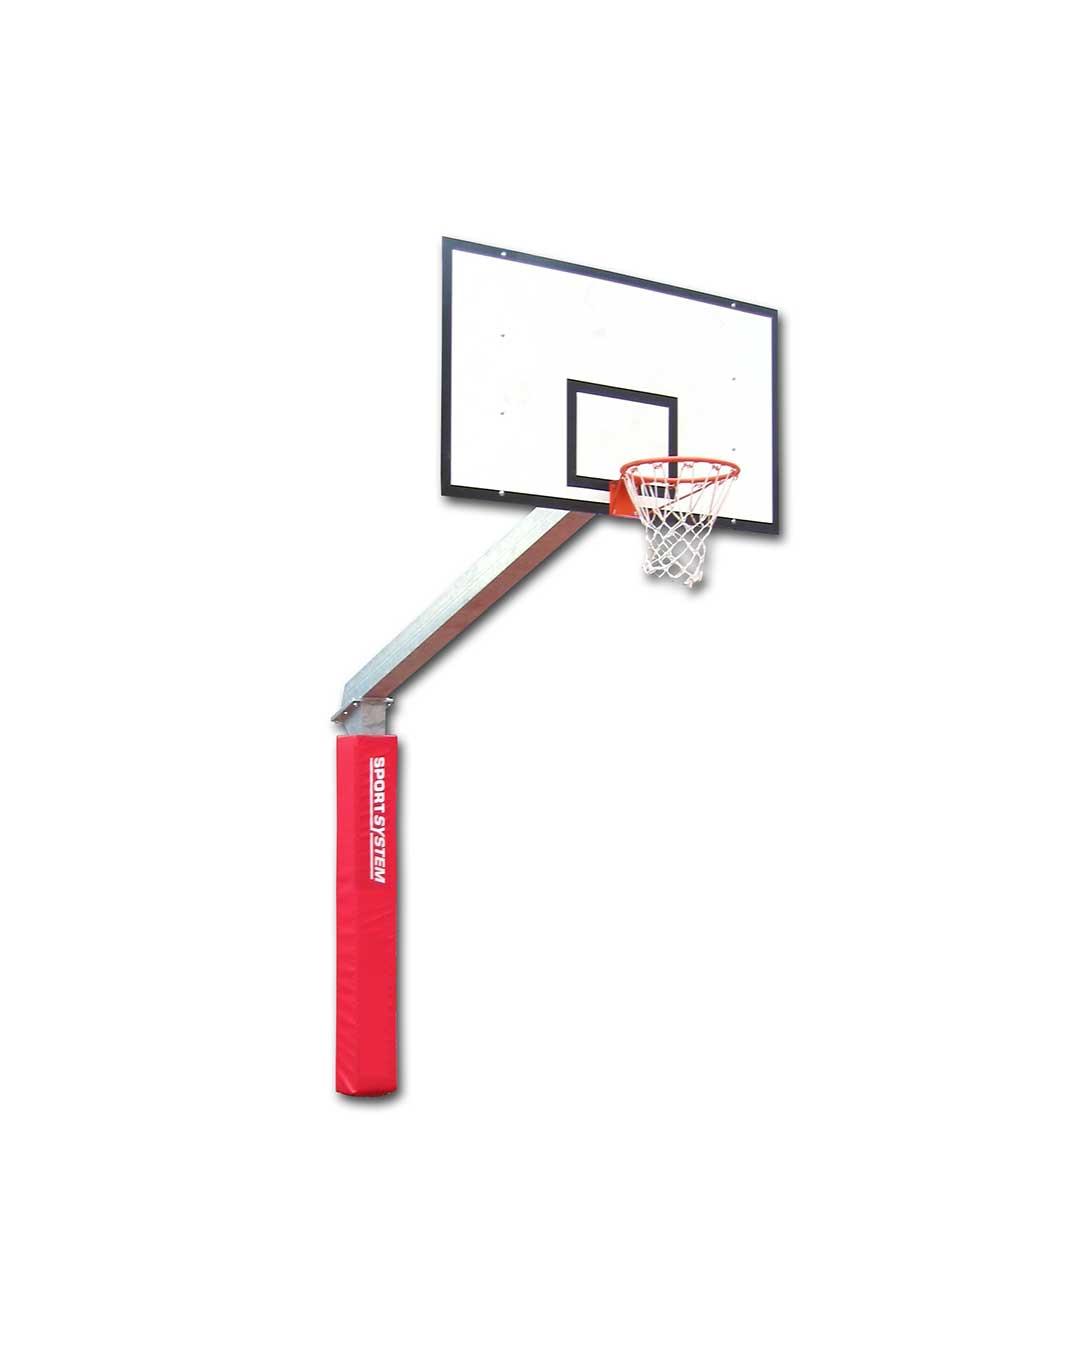 Tablero de básquetbol con poste fijo 225 cm de proyección